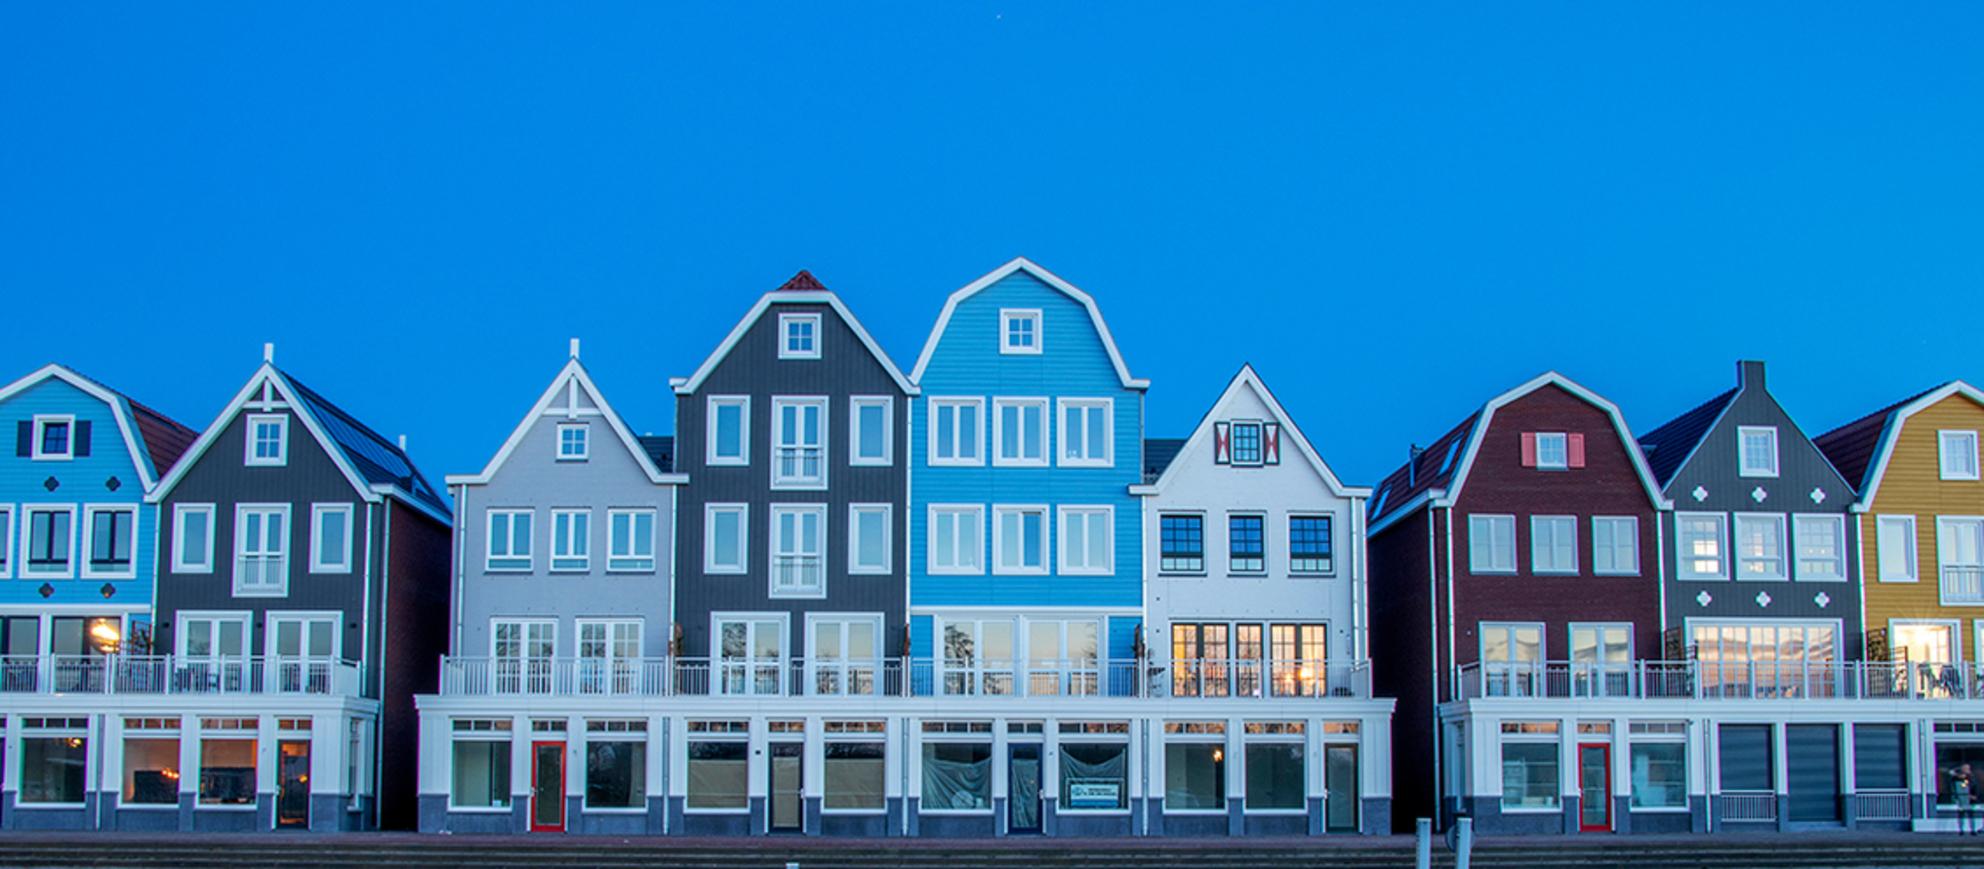 Blue - - - foto door cdgrf op 22-02-2021 - deze foto bevat: avond, architectuur, gebouw, nacht, kleurrijk, huis, Blauwe uurtje